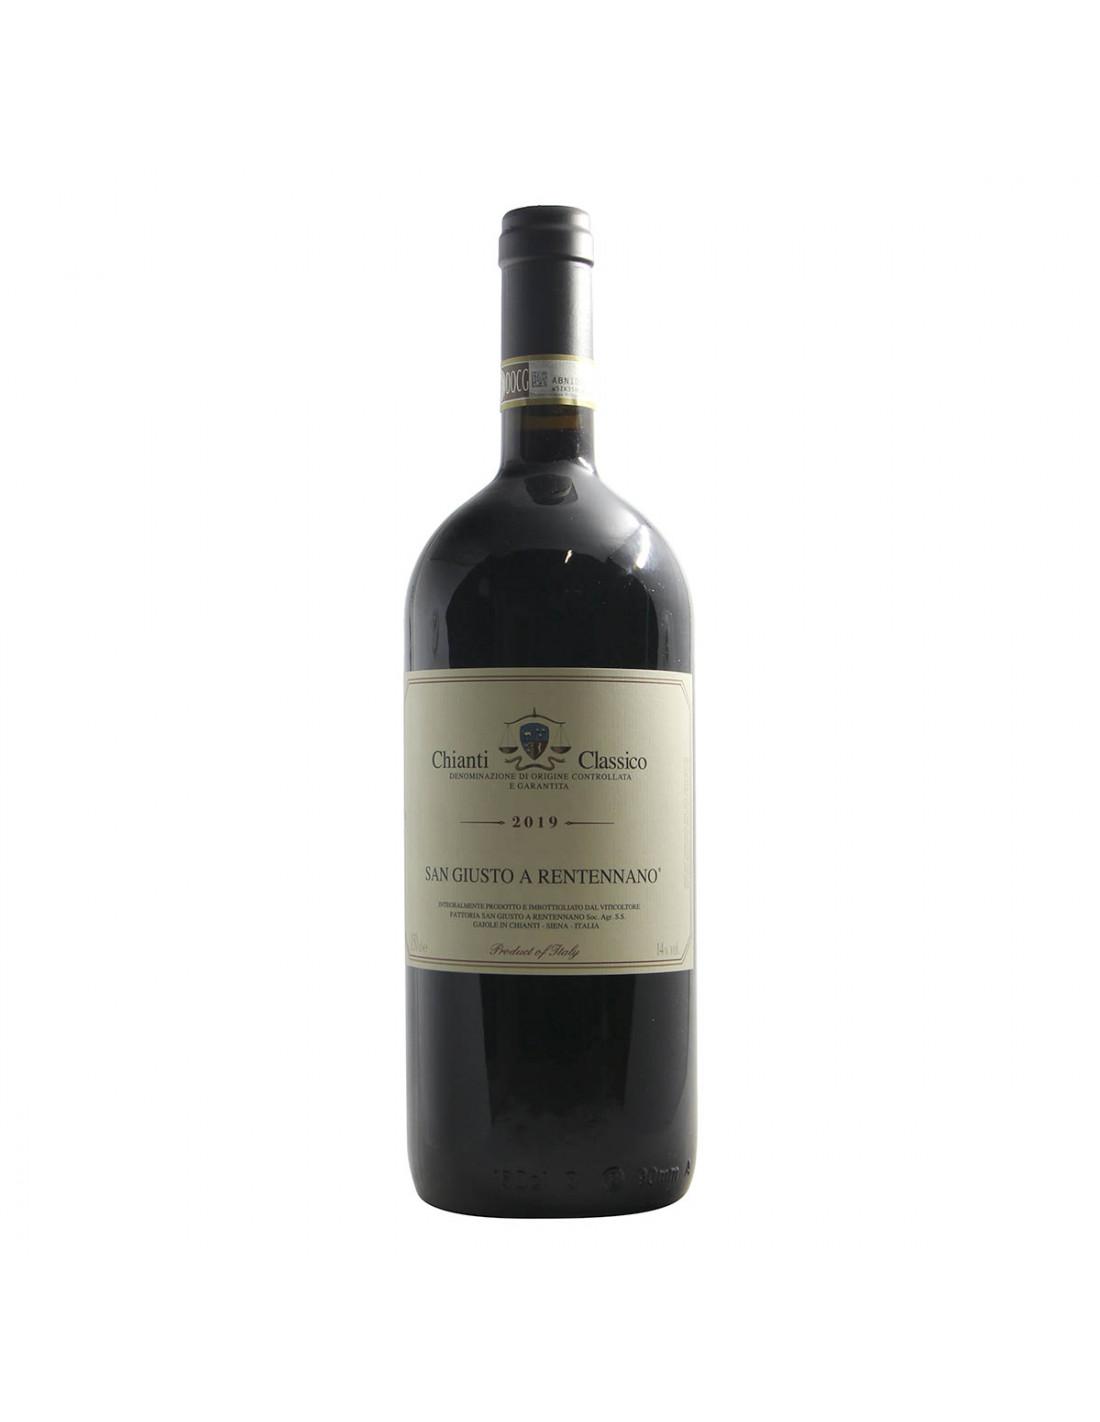 San Giusto a Rentennano Chianti Classico Magnum 2019 Grandi Bottiglie